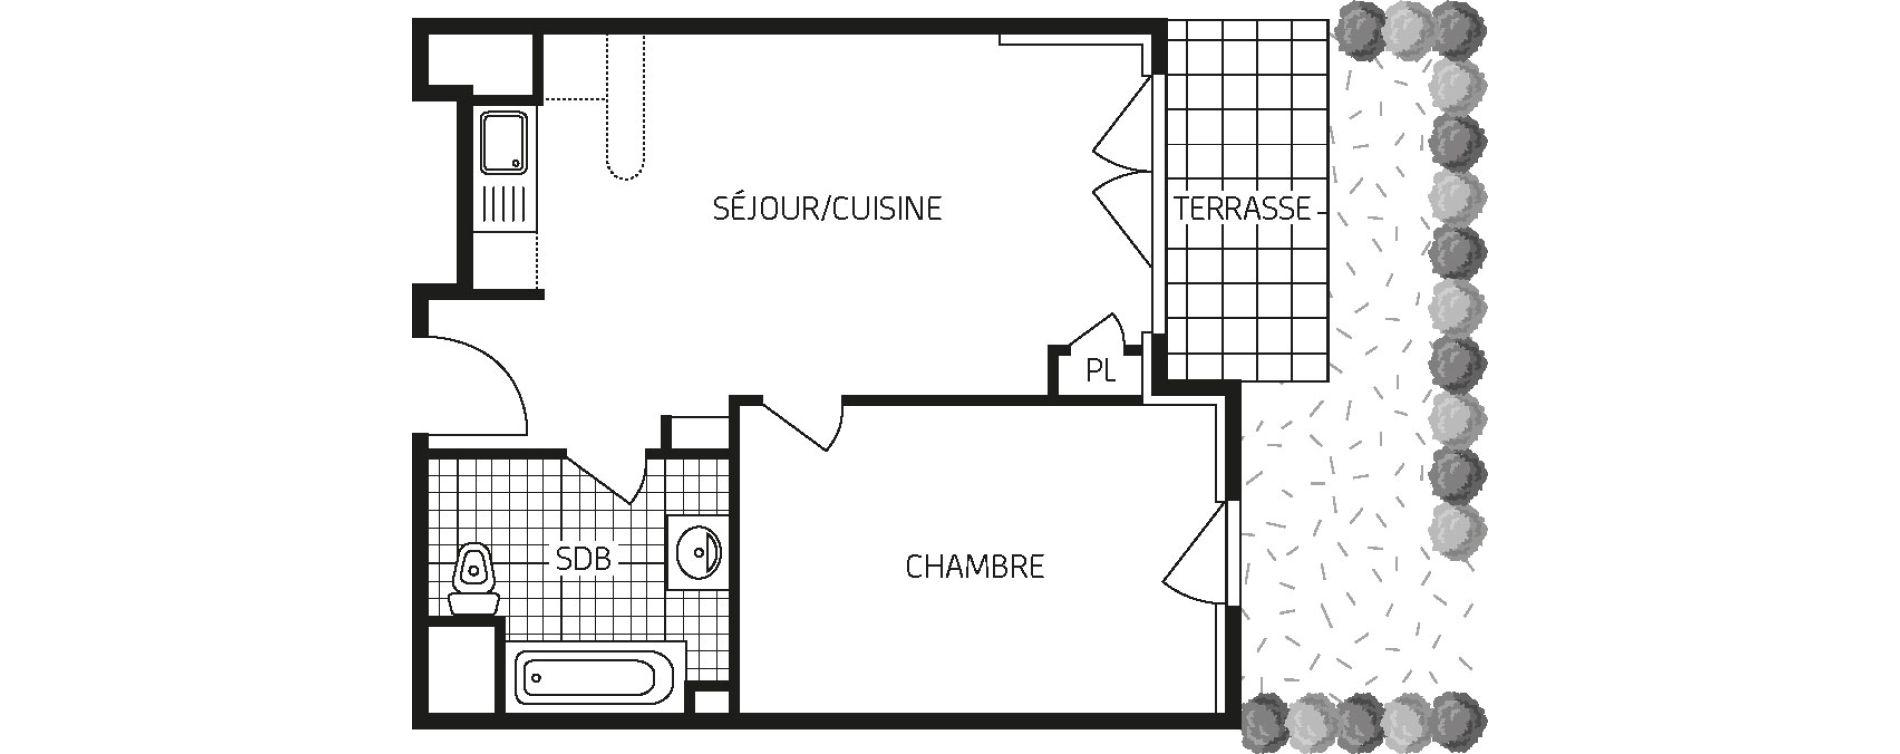 Appartement T2 de 41,54 m2 à Orléans Barrière st-marc - la fontaine